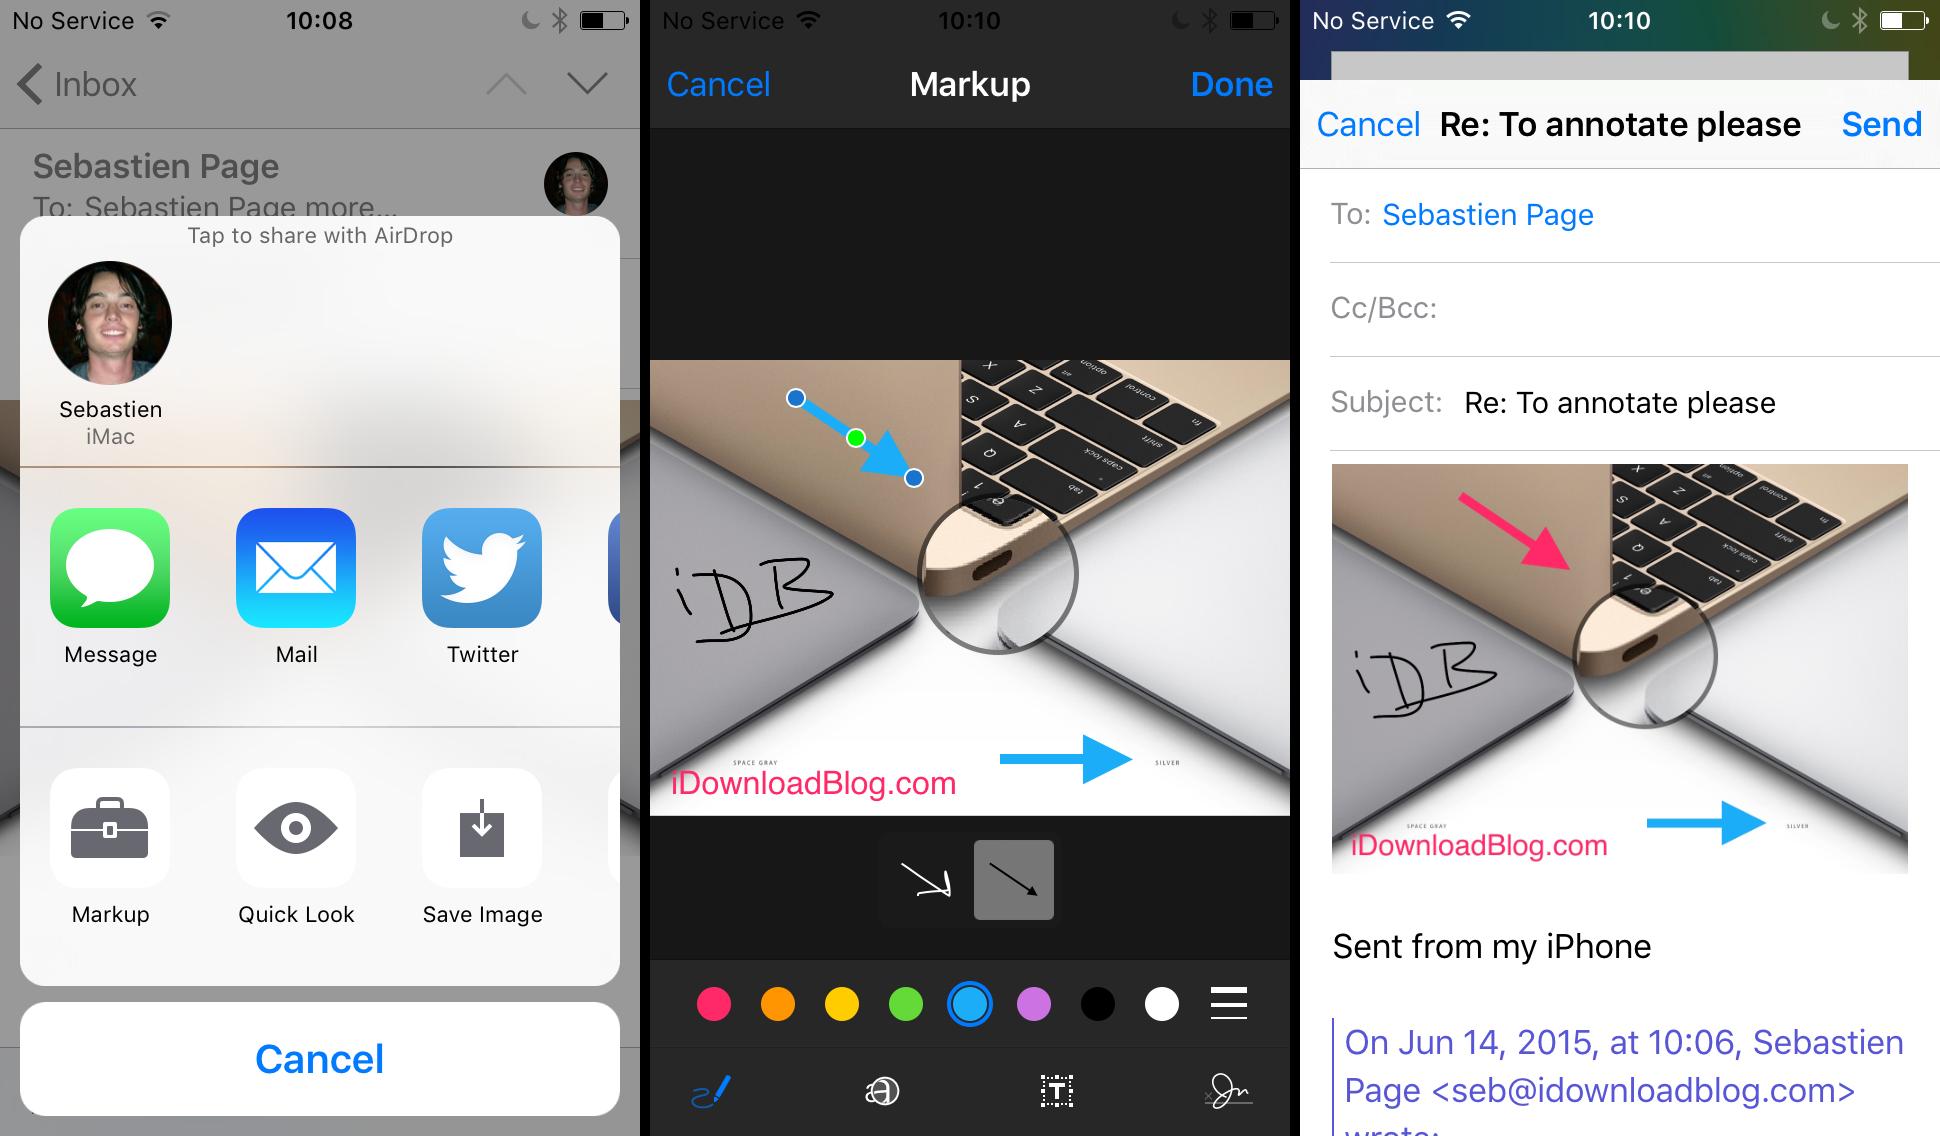 iOS 9 marup annotate